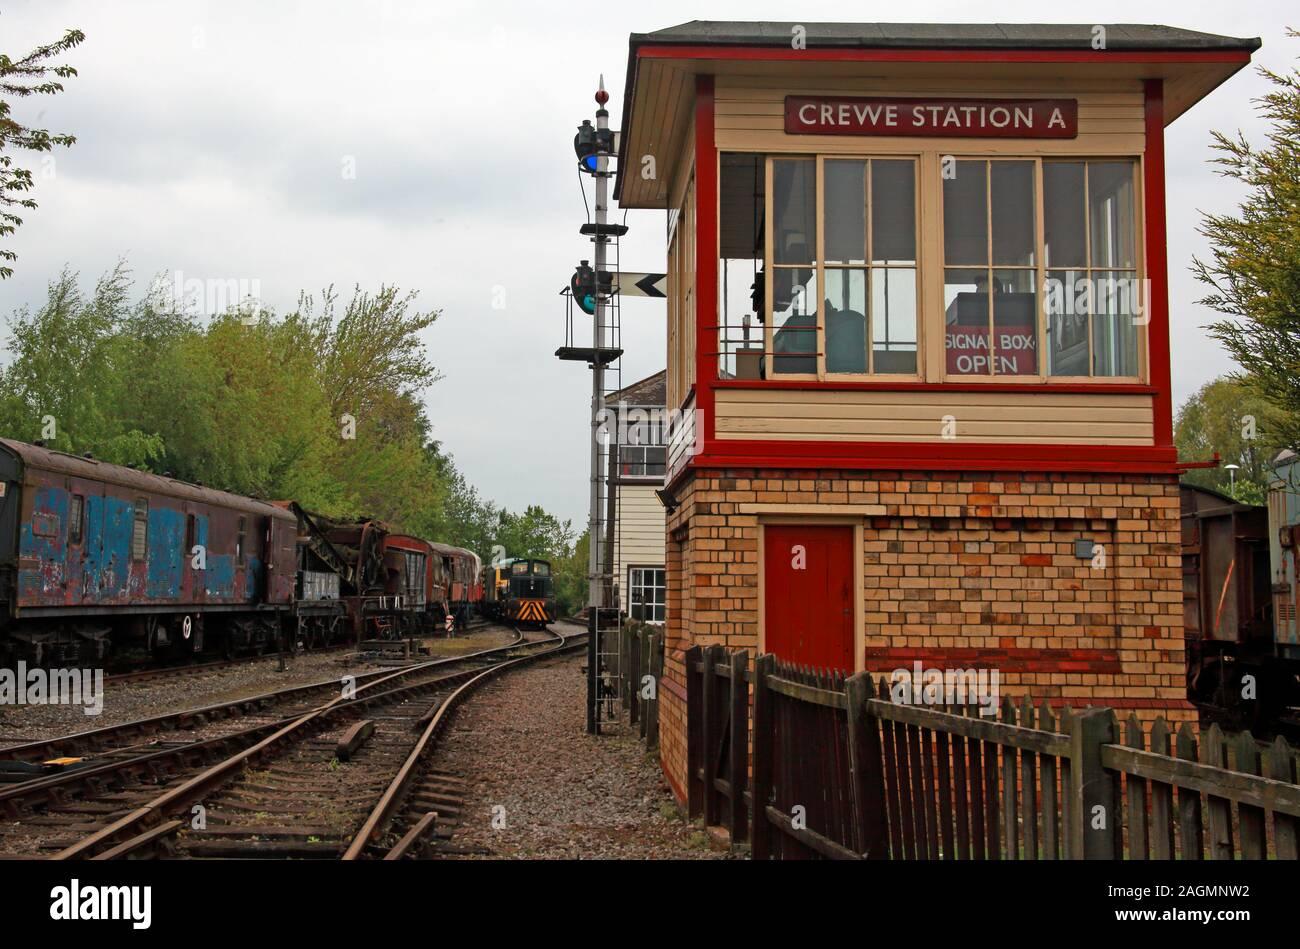 Dieses Stockfoto: Crewe Station EIN Signalkasten und eine Zweigleitung, Crewe arbeitet - 2AGMNW